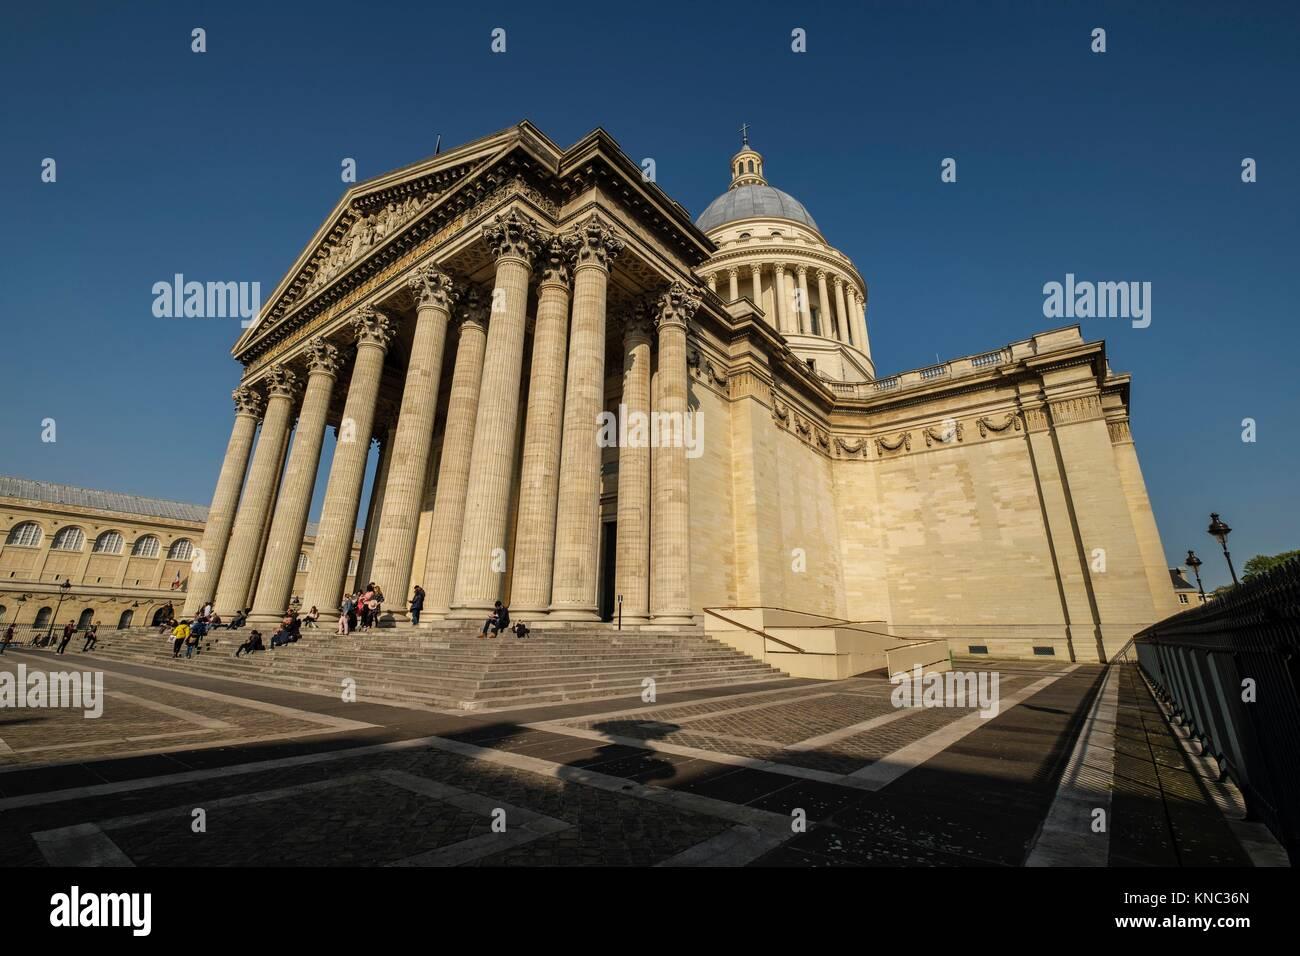 Panthéon, neoclassical monument, Paris, France - Stock Image